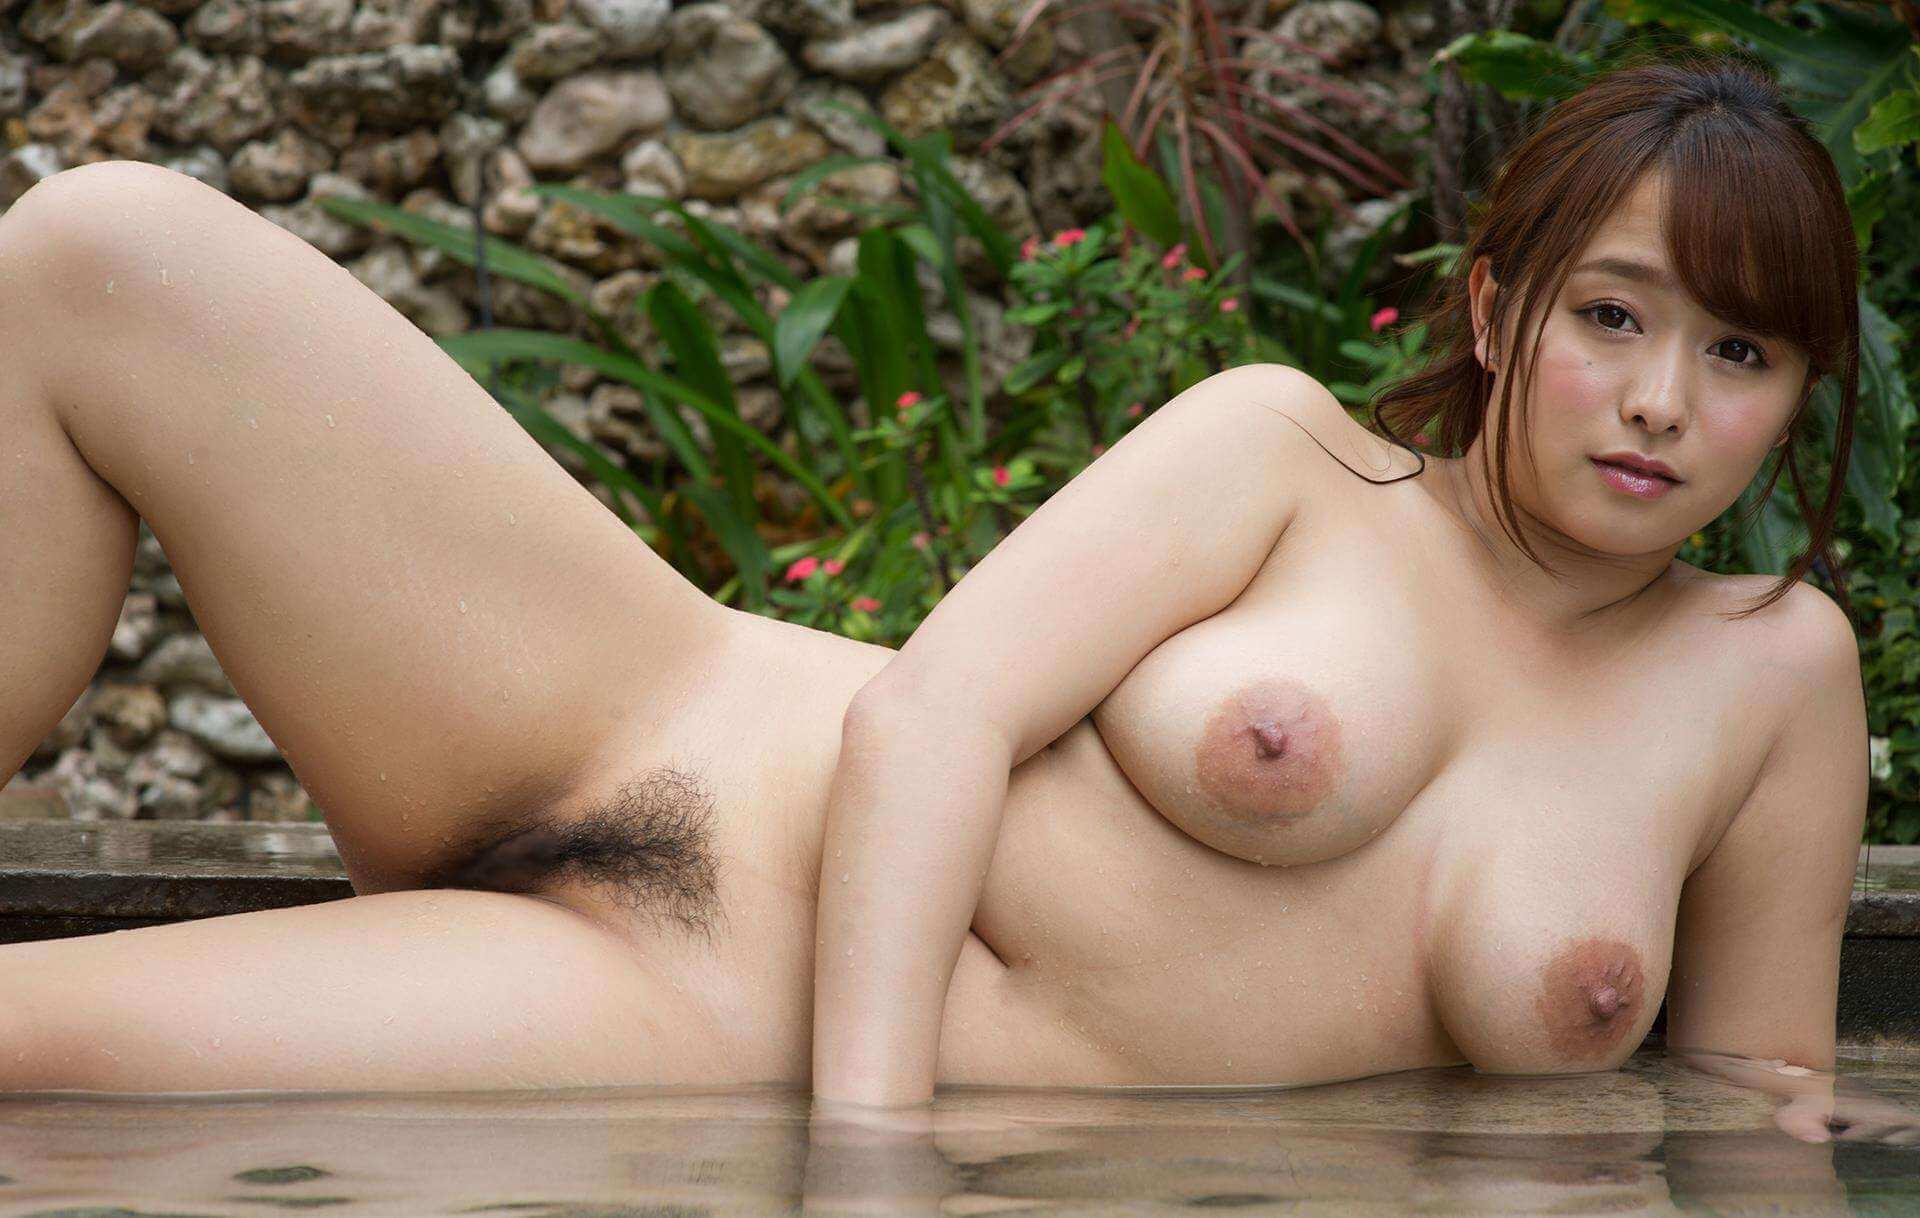 日本人のおっぱいや肉付きはちょっとだらしないくらいが丁度よい